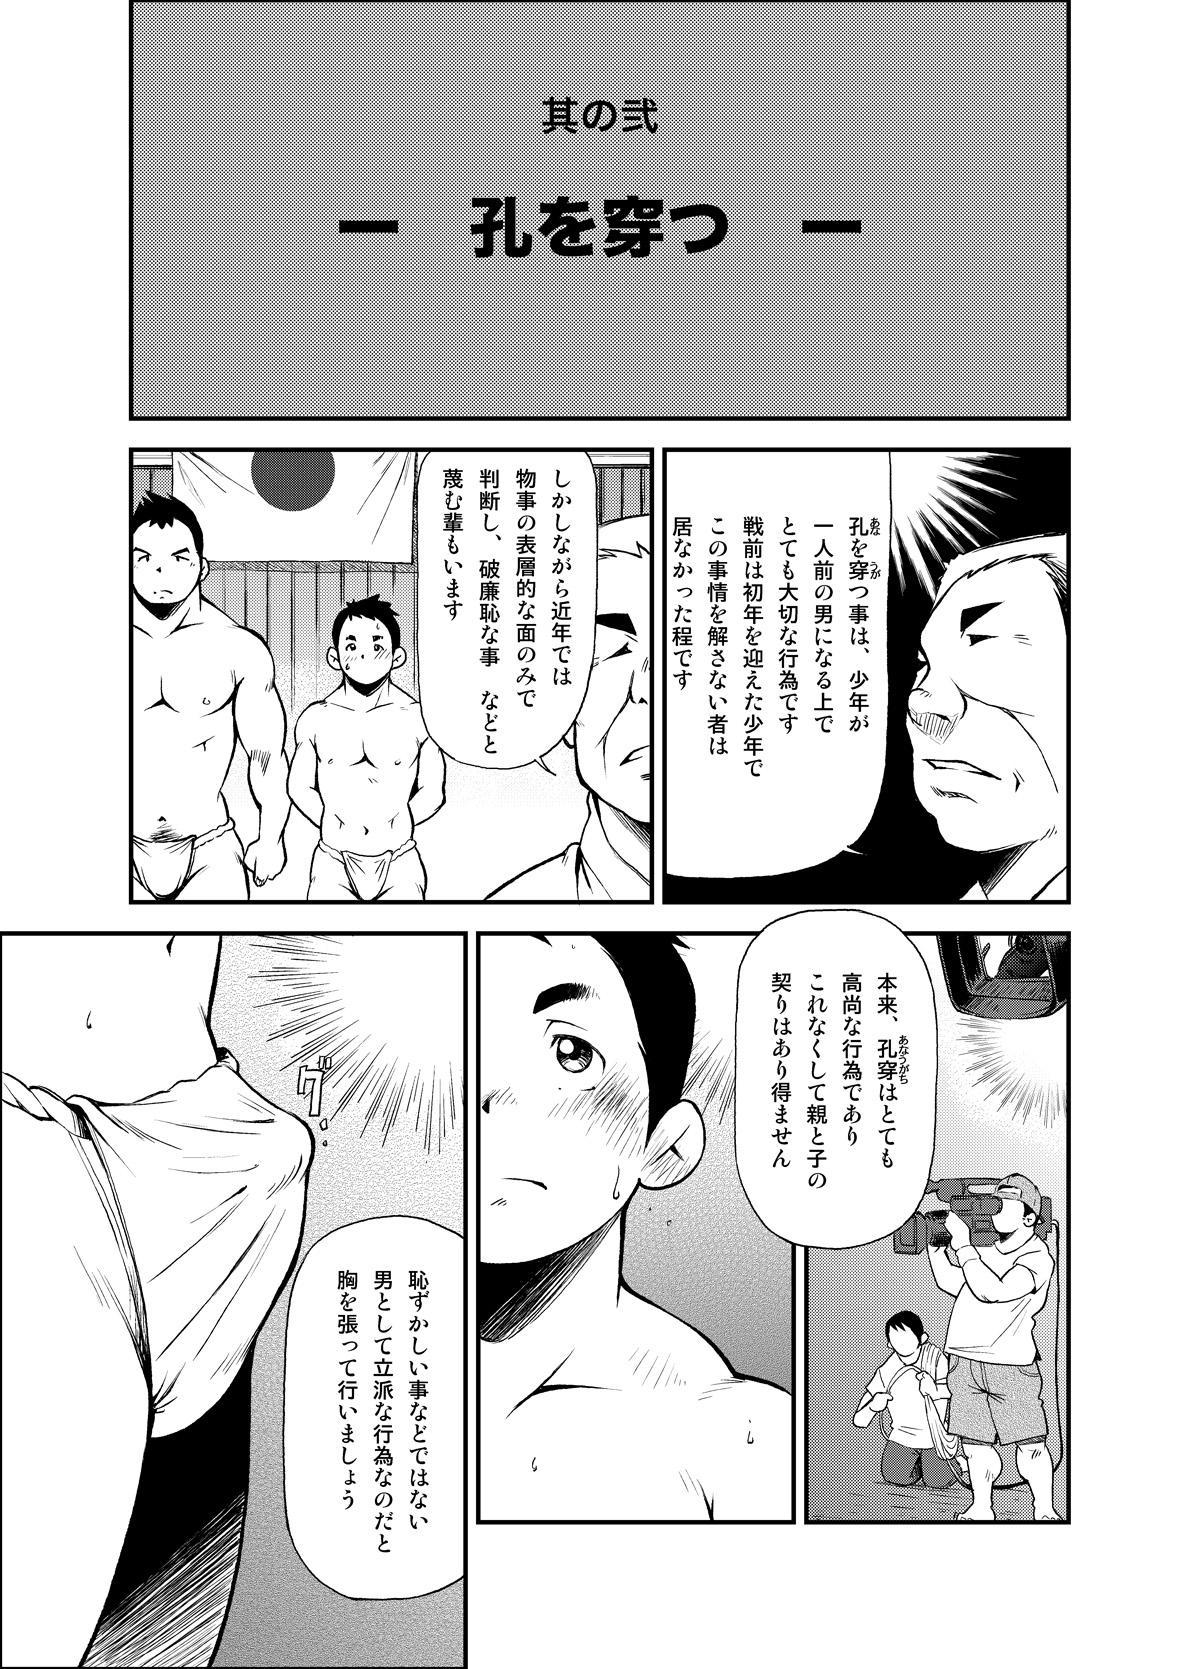 Tadashii Danshi no Kyouren Hou 12